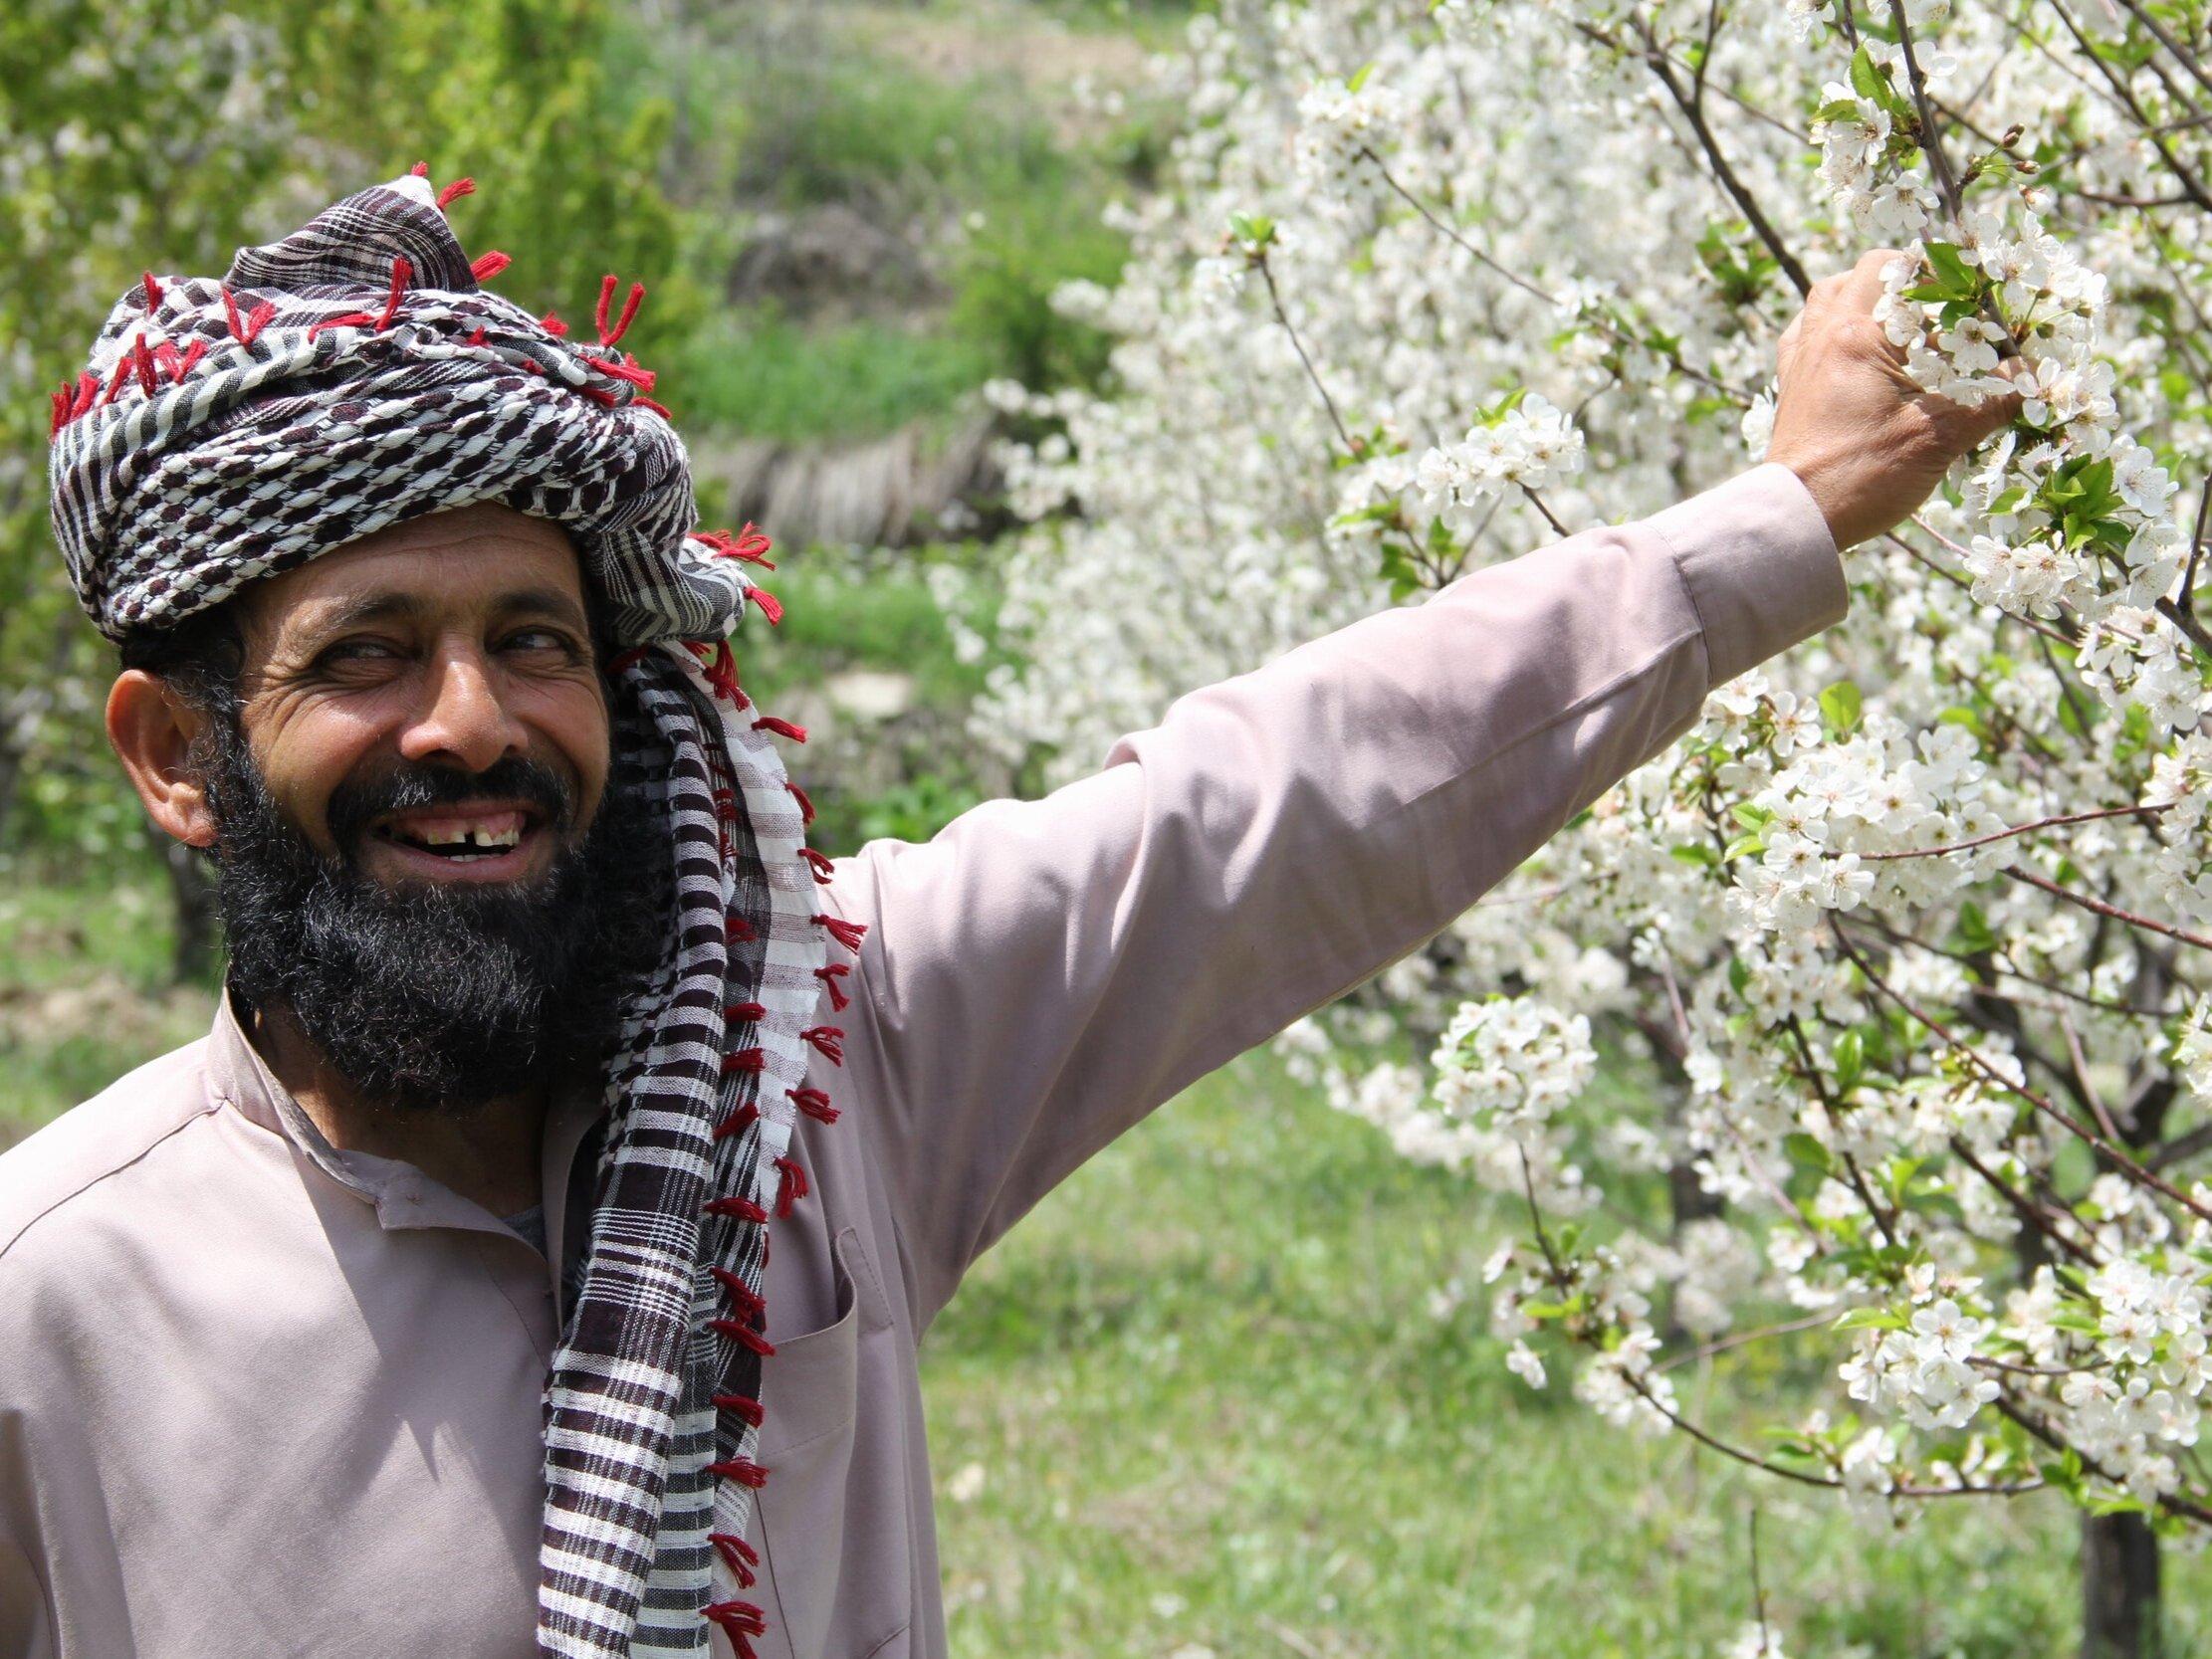 Happy-Afghan-Farmer-Orchard-Tree-Flowers-Afghanistan-Roots-of-Peace-ROP.jpg